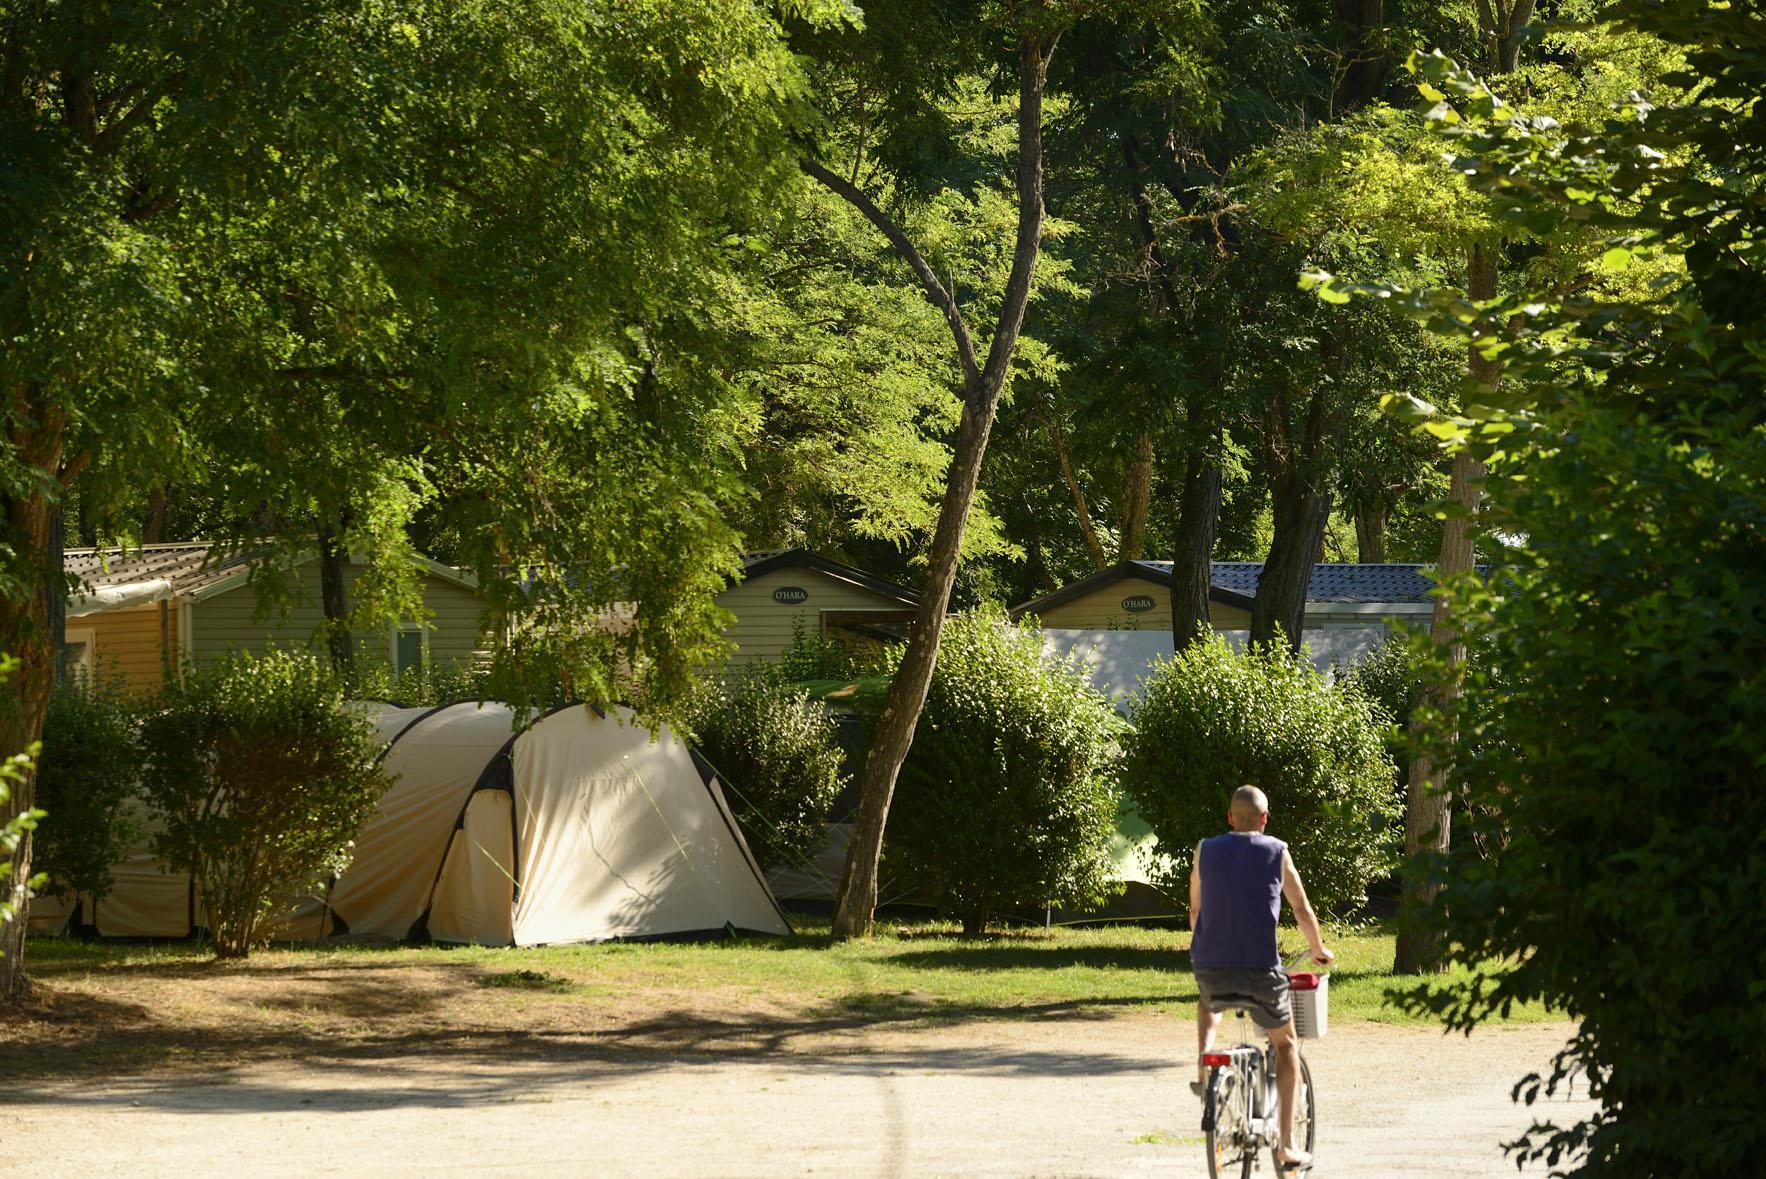 Camping les Portes de Sancerre, Saint-Satur, Cher